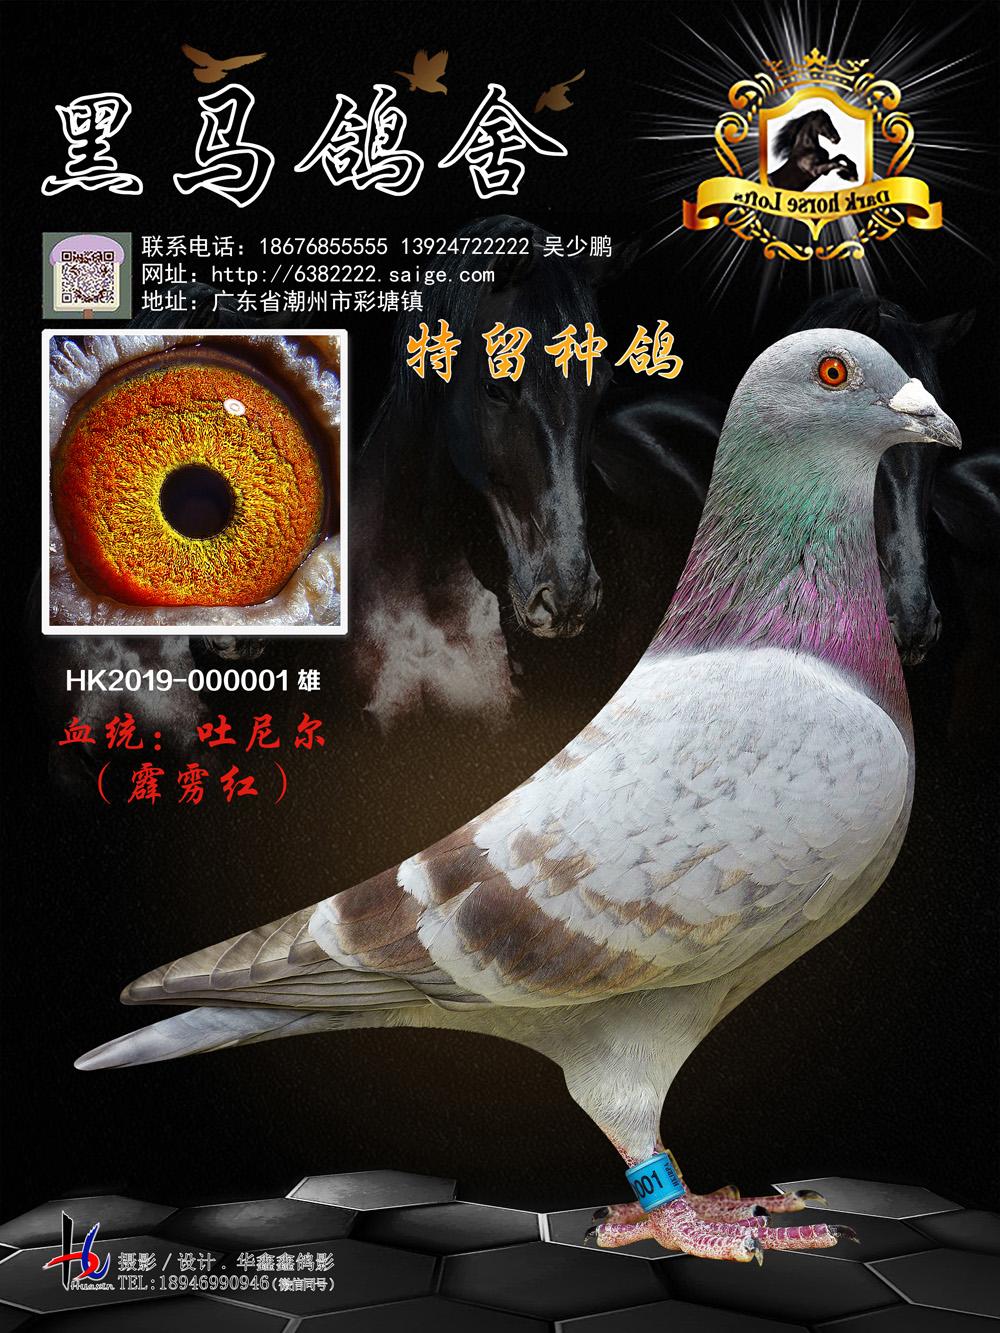 特留种鸽 吐尼尔 霹雳红 HK2019-000001